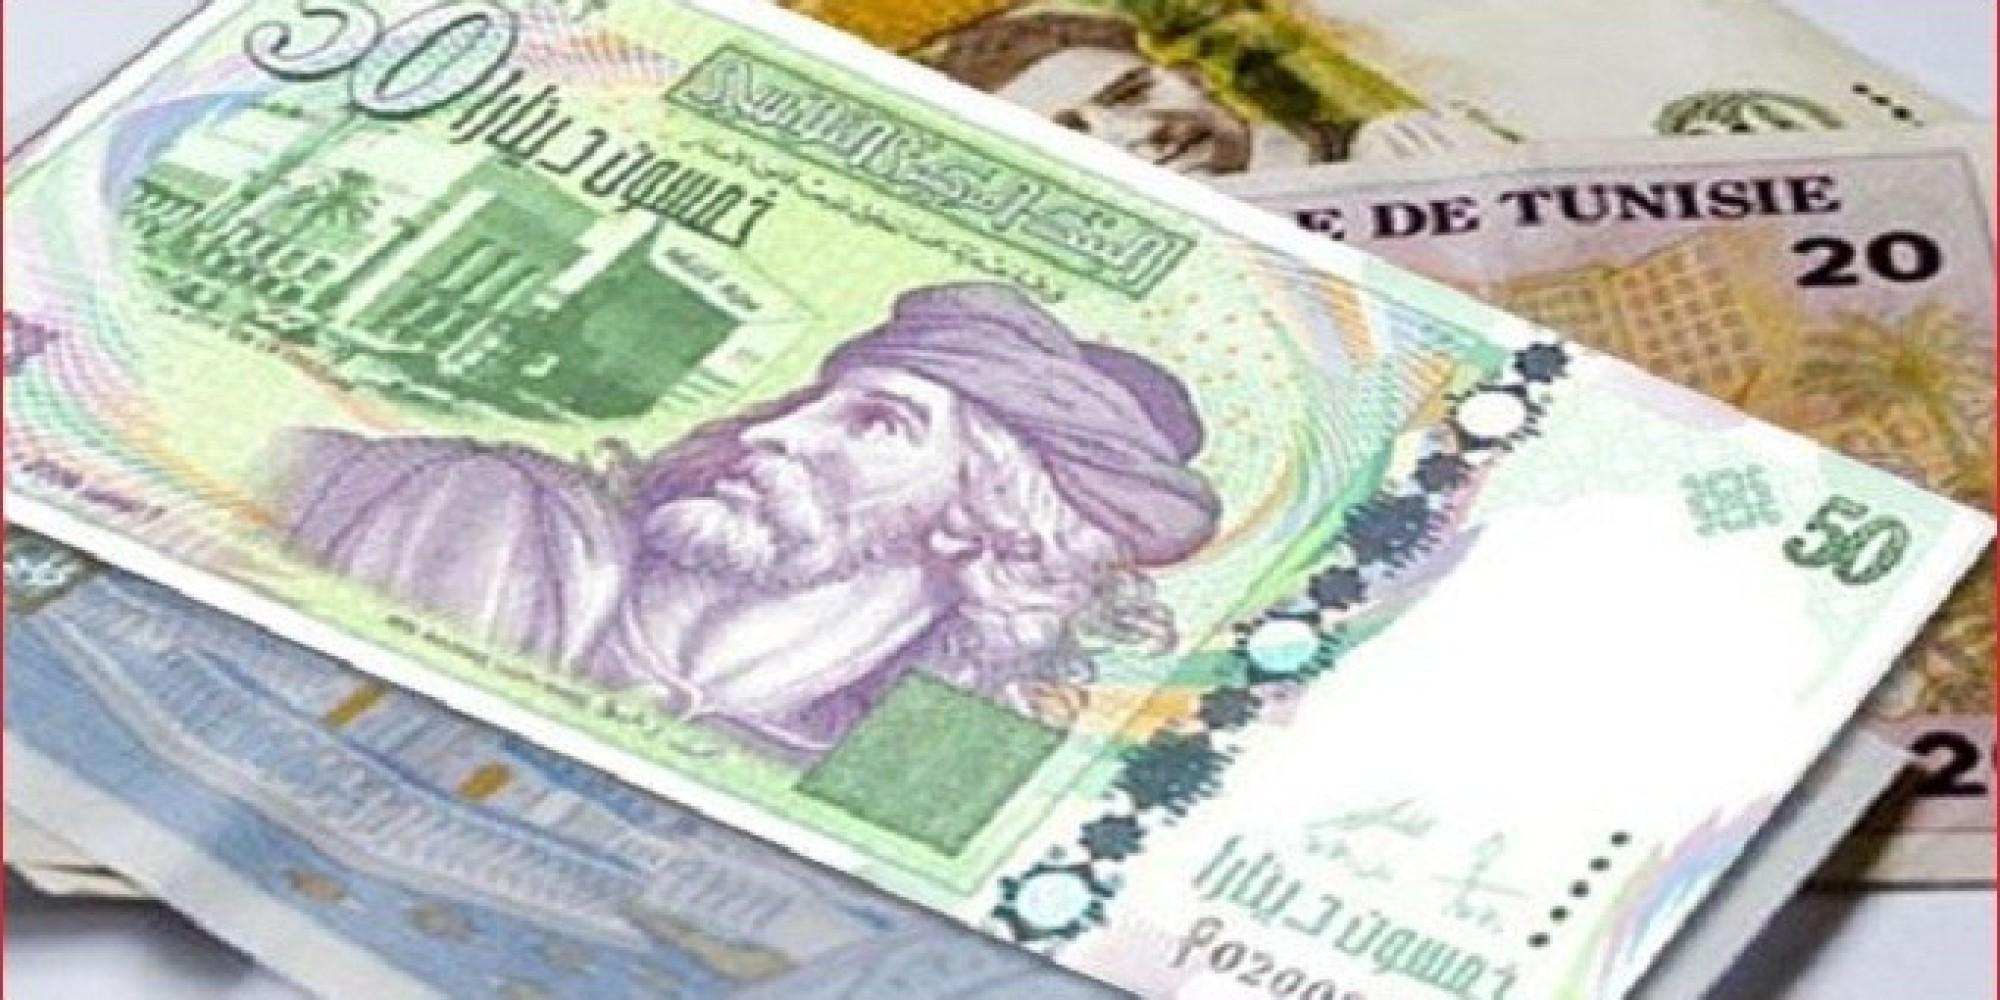 Tunisie/Economie - La dépréciation du dinar: Un mal pour un bien?